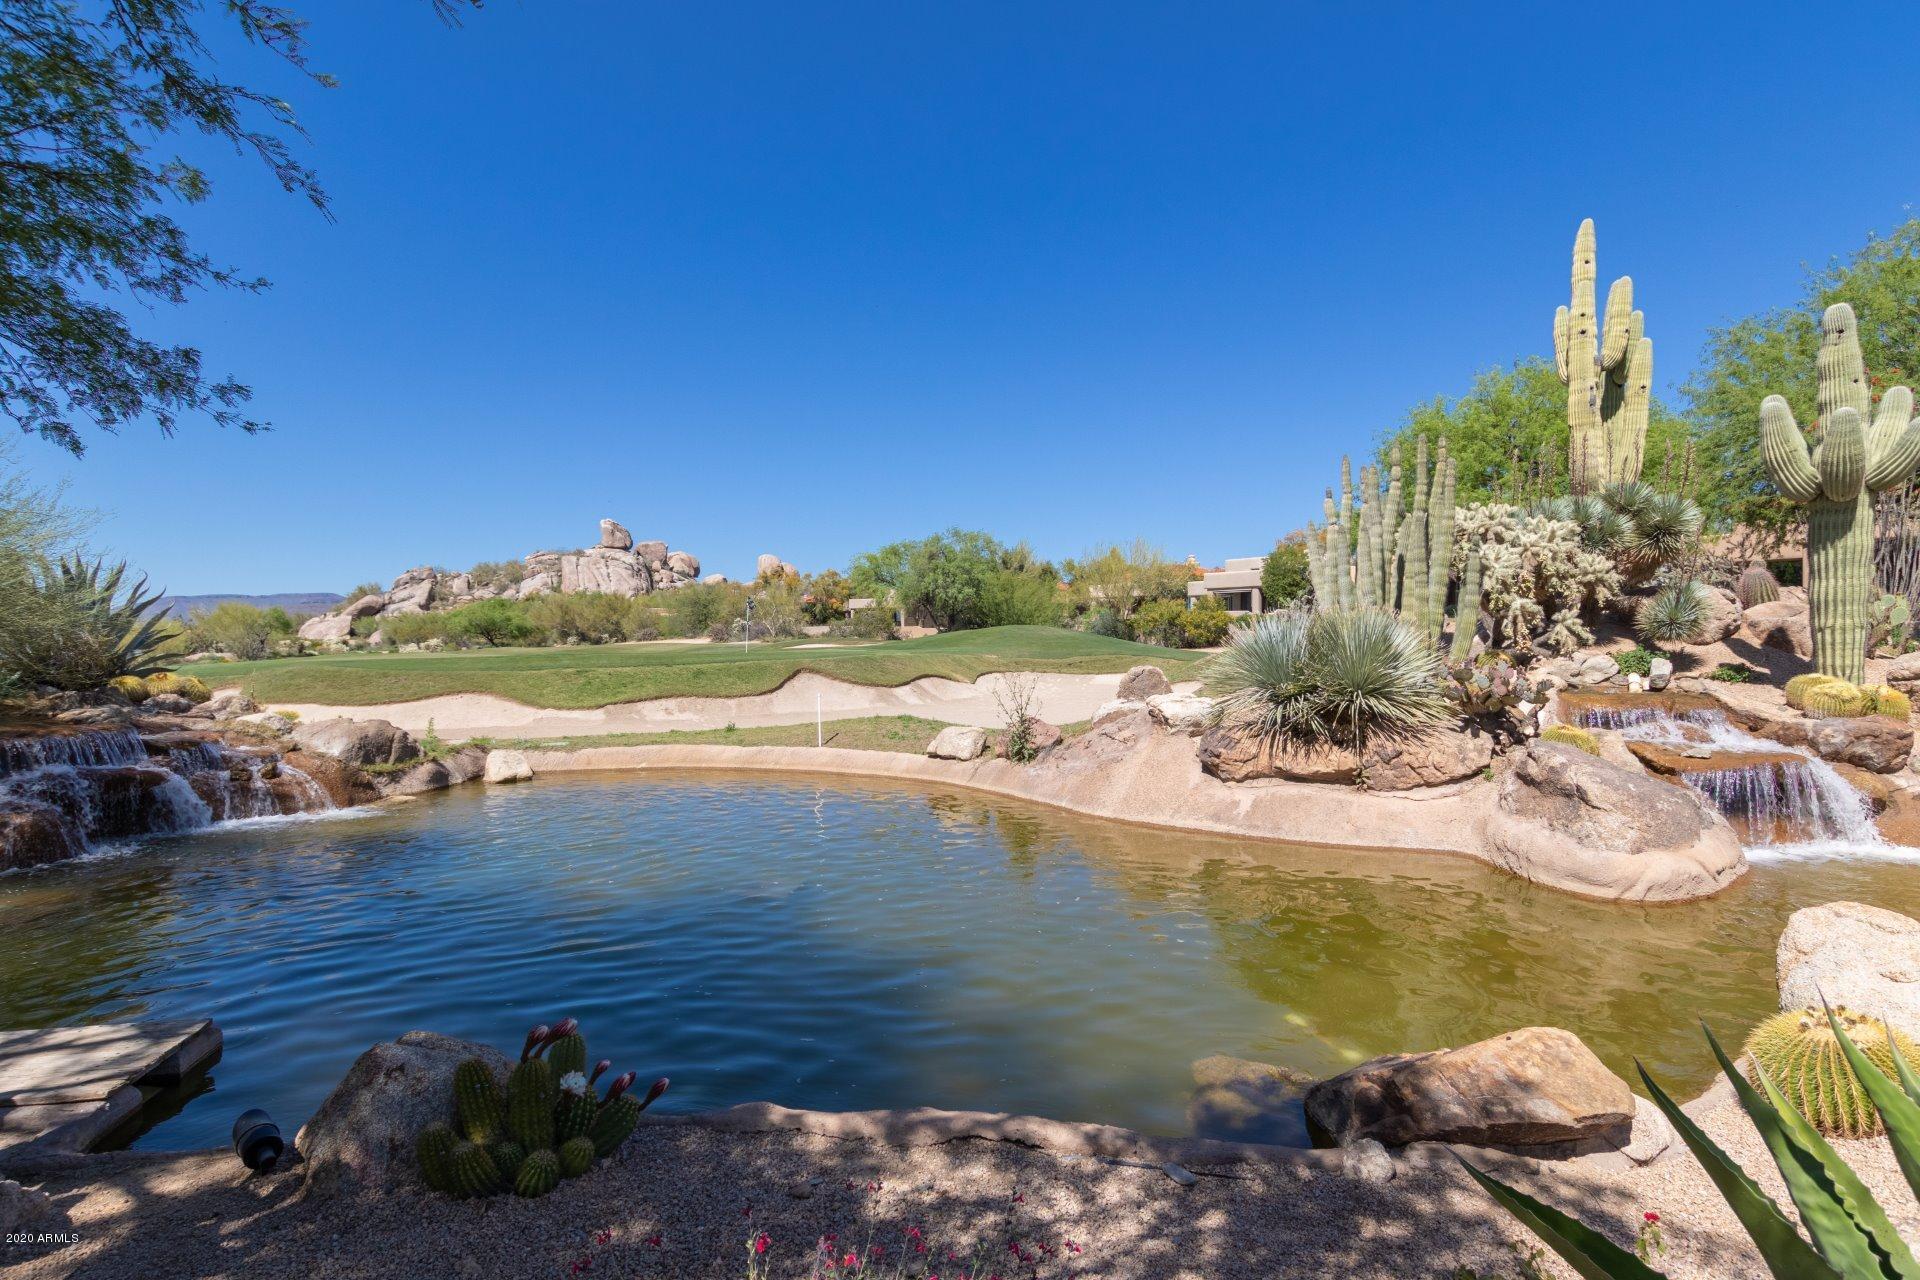 MLS 6070507 7500 E BOULDERS Parkway Unit 79, Scottsdale, AZ 85266 Scottsdale AZ The Boulders